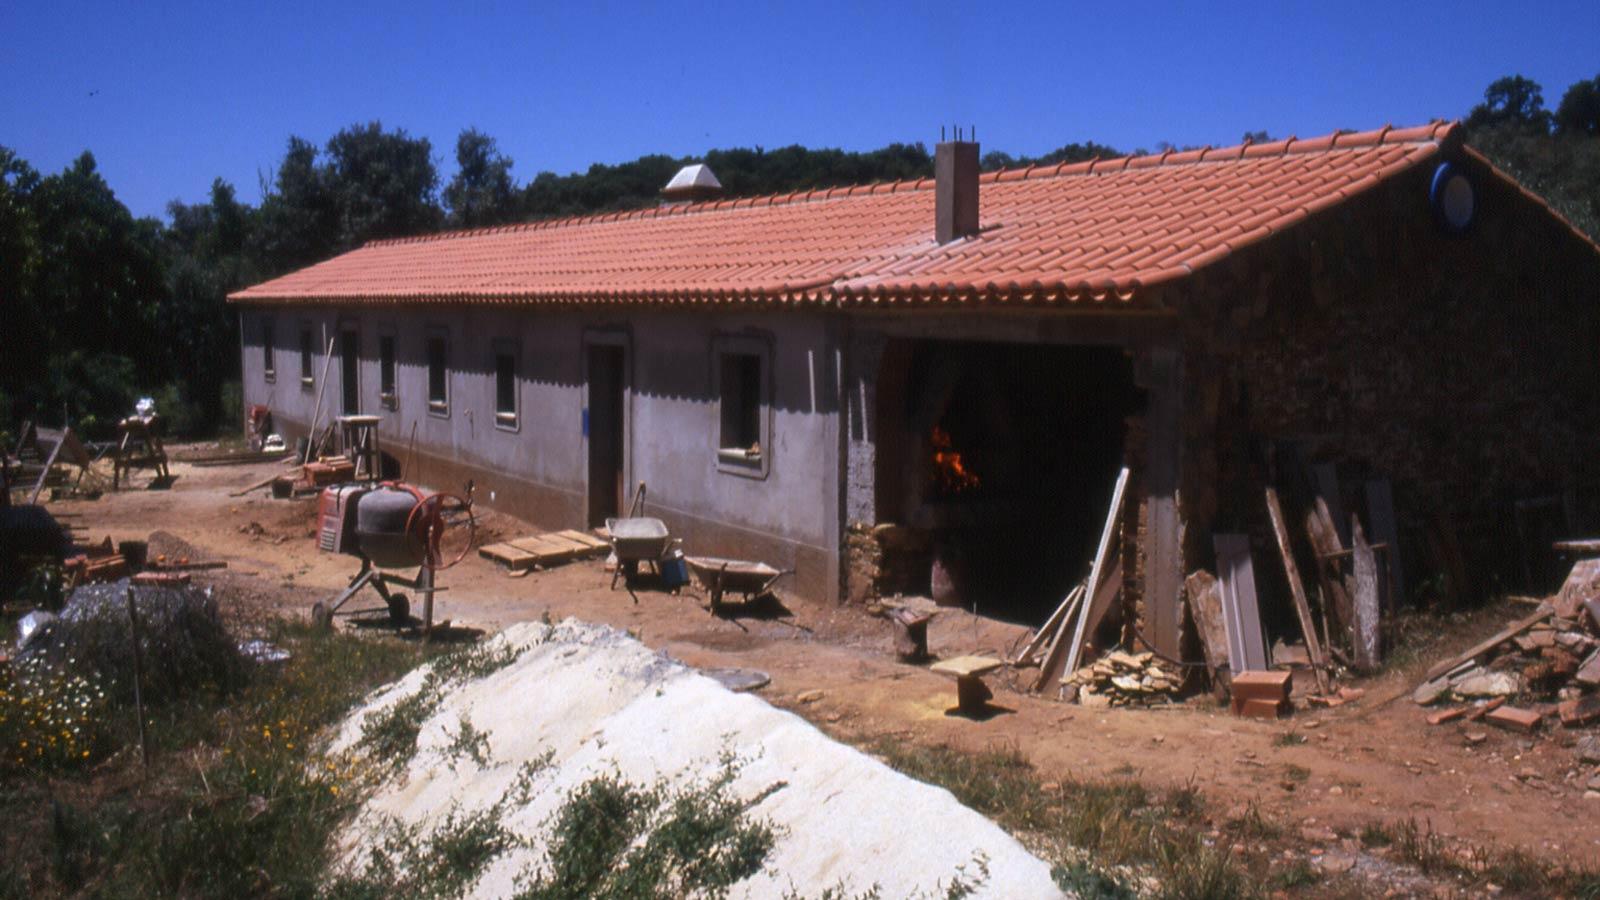 img010-Casa-reconstruida-Julho-98